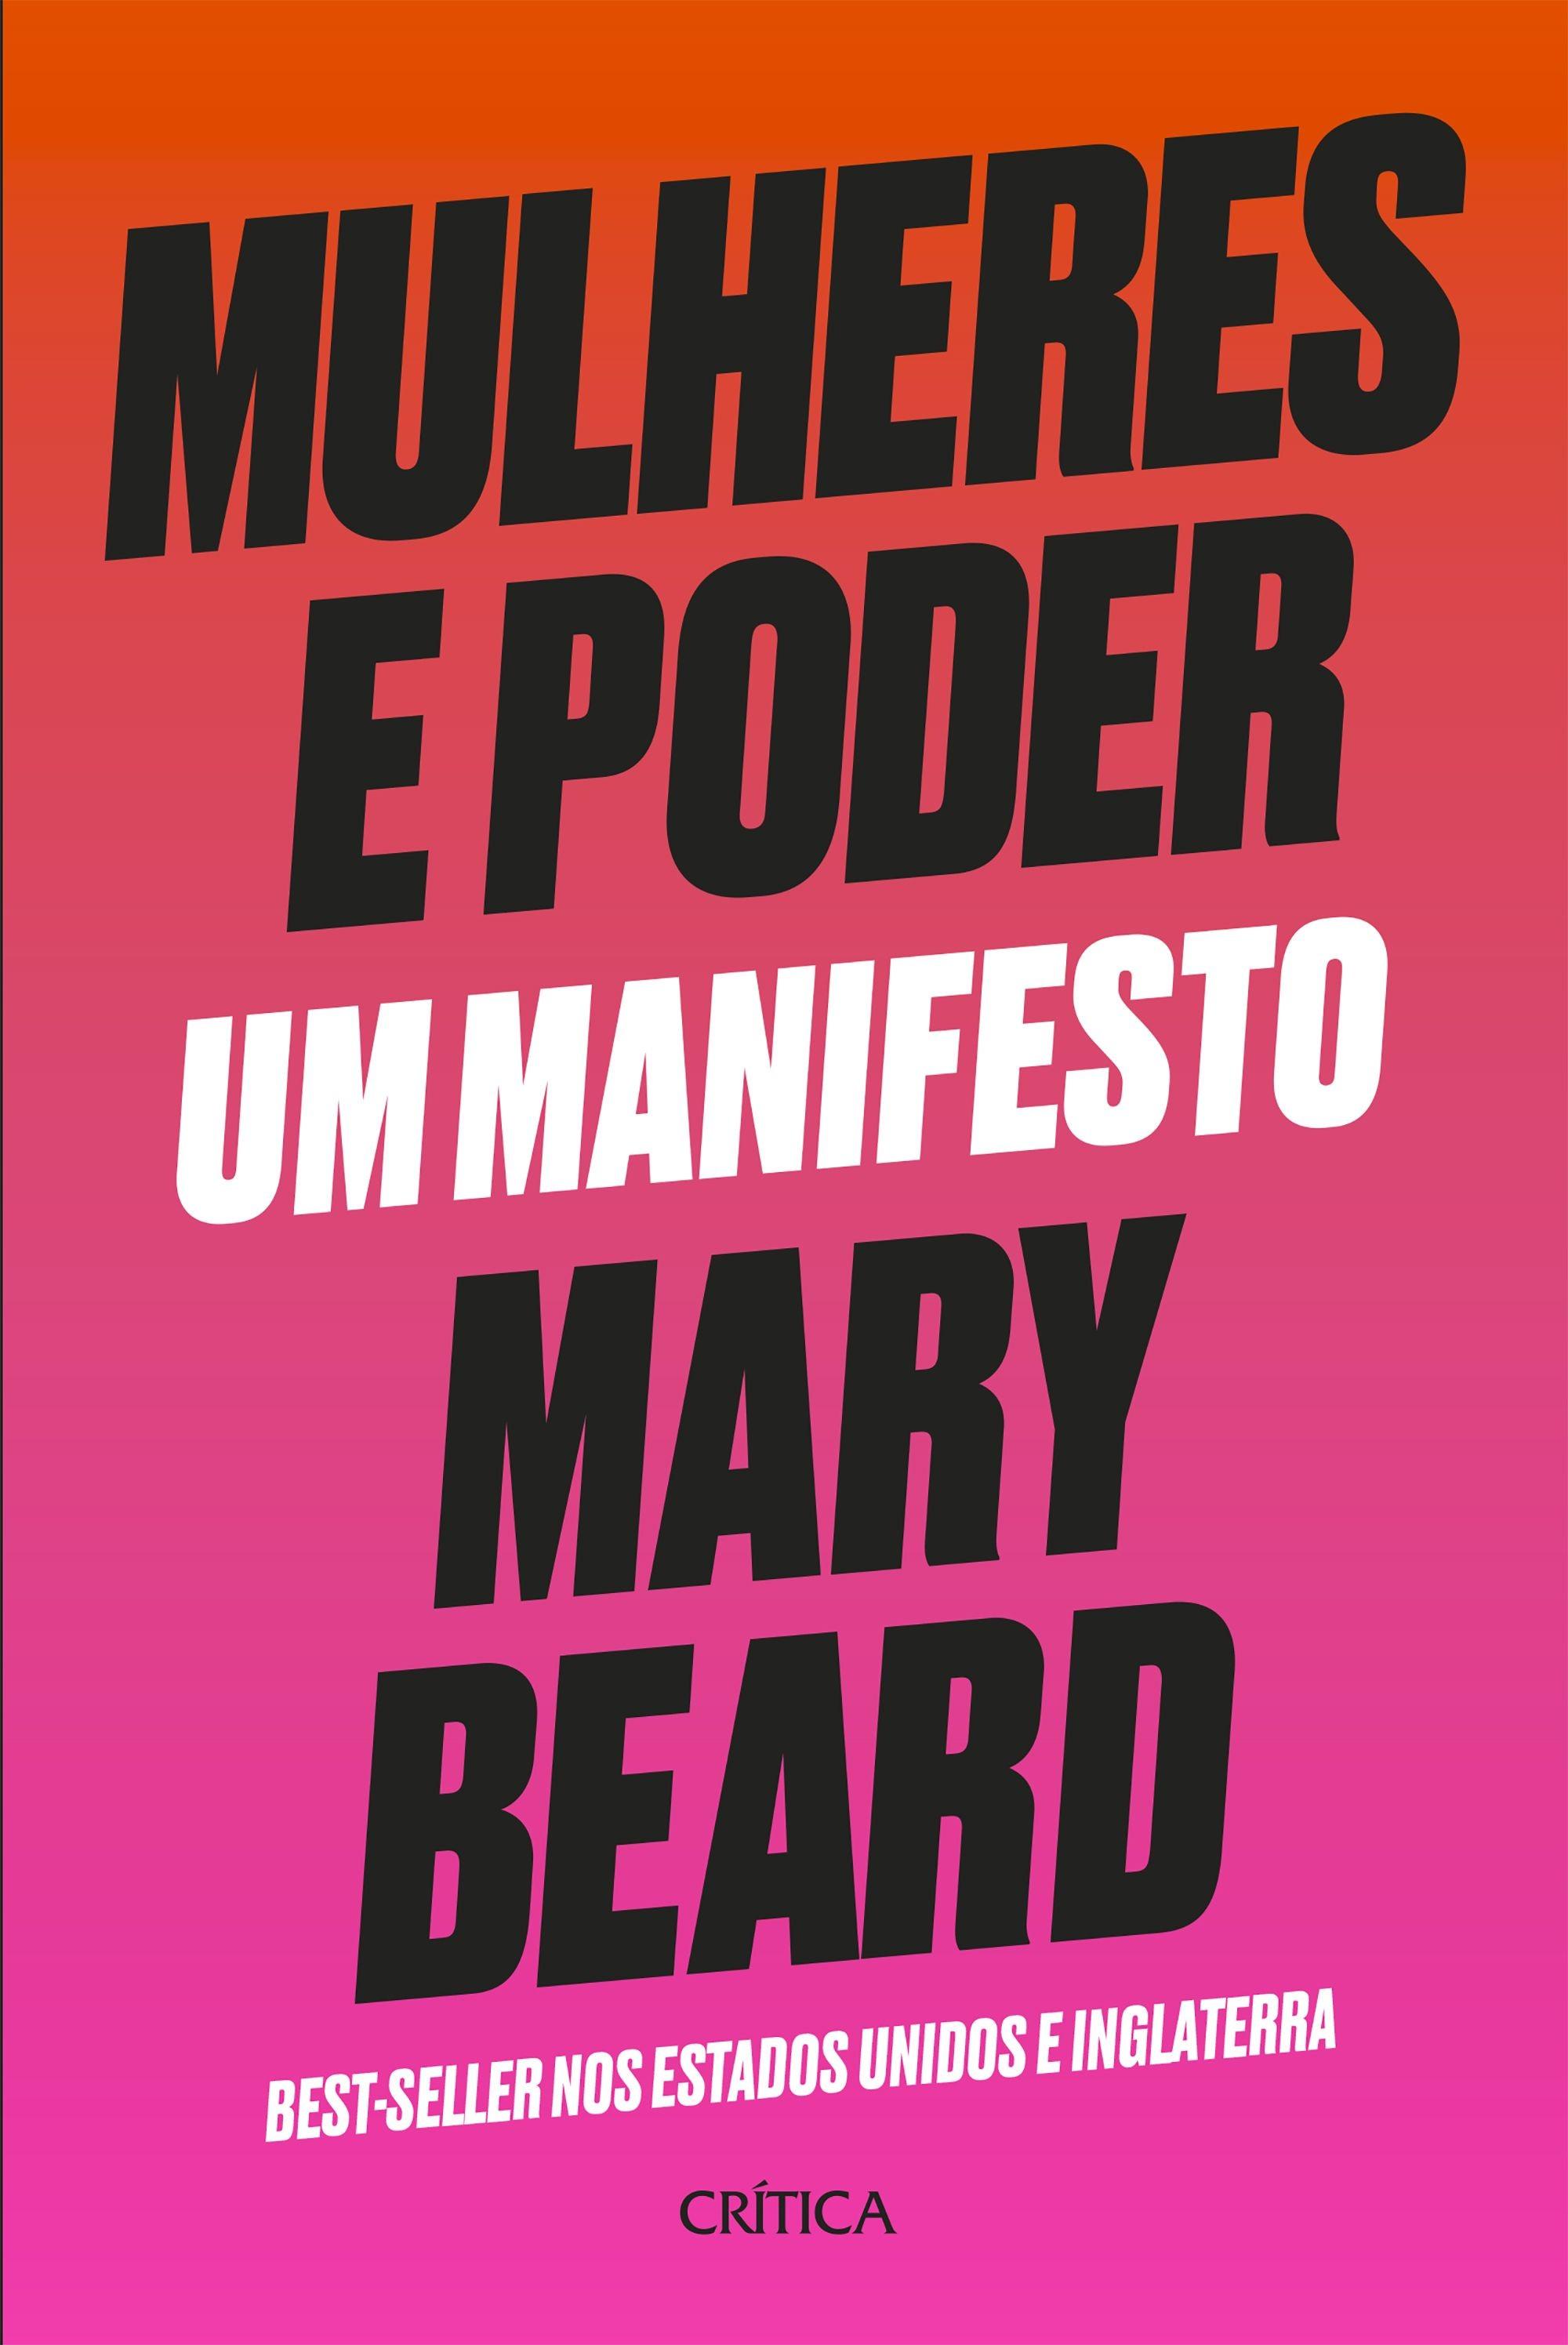 Mulheres e Poder: livro da historiadora Mary Beard fala sobre misoginia e feminismo (Foto: Divulgação)